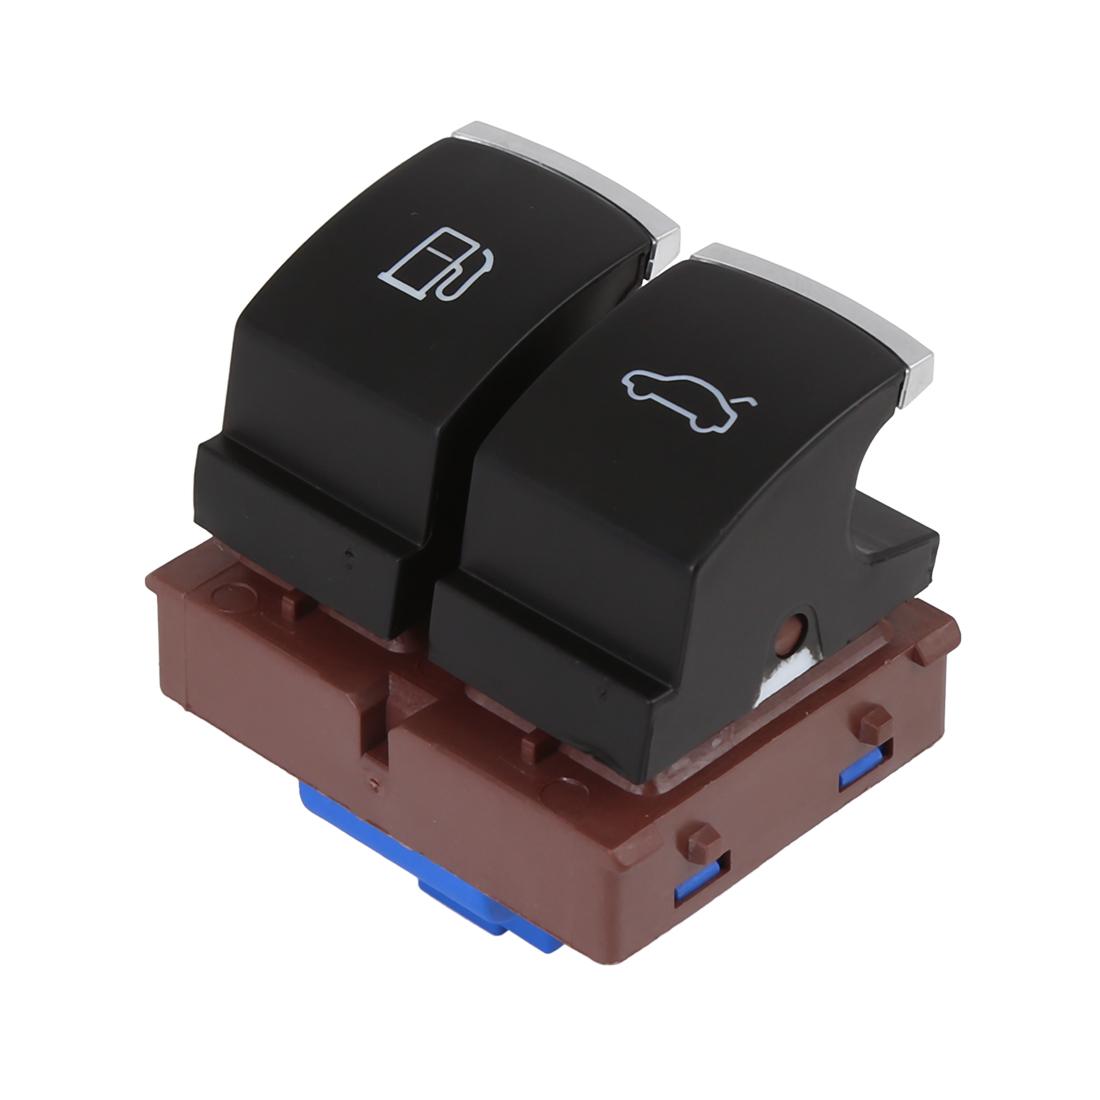 35D959903 Car Fuel Tank Door Trunk Release Control Switch for VW Magotan CC